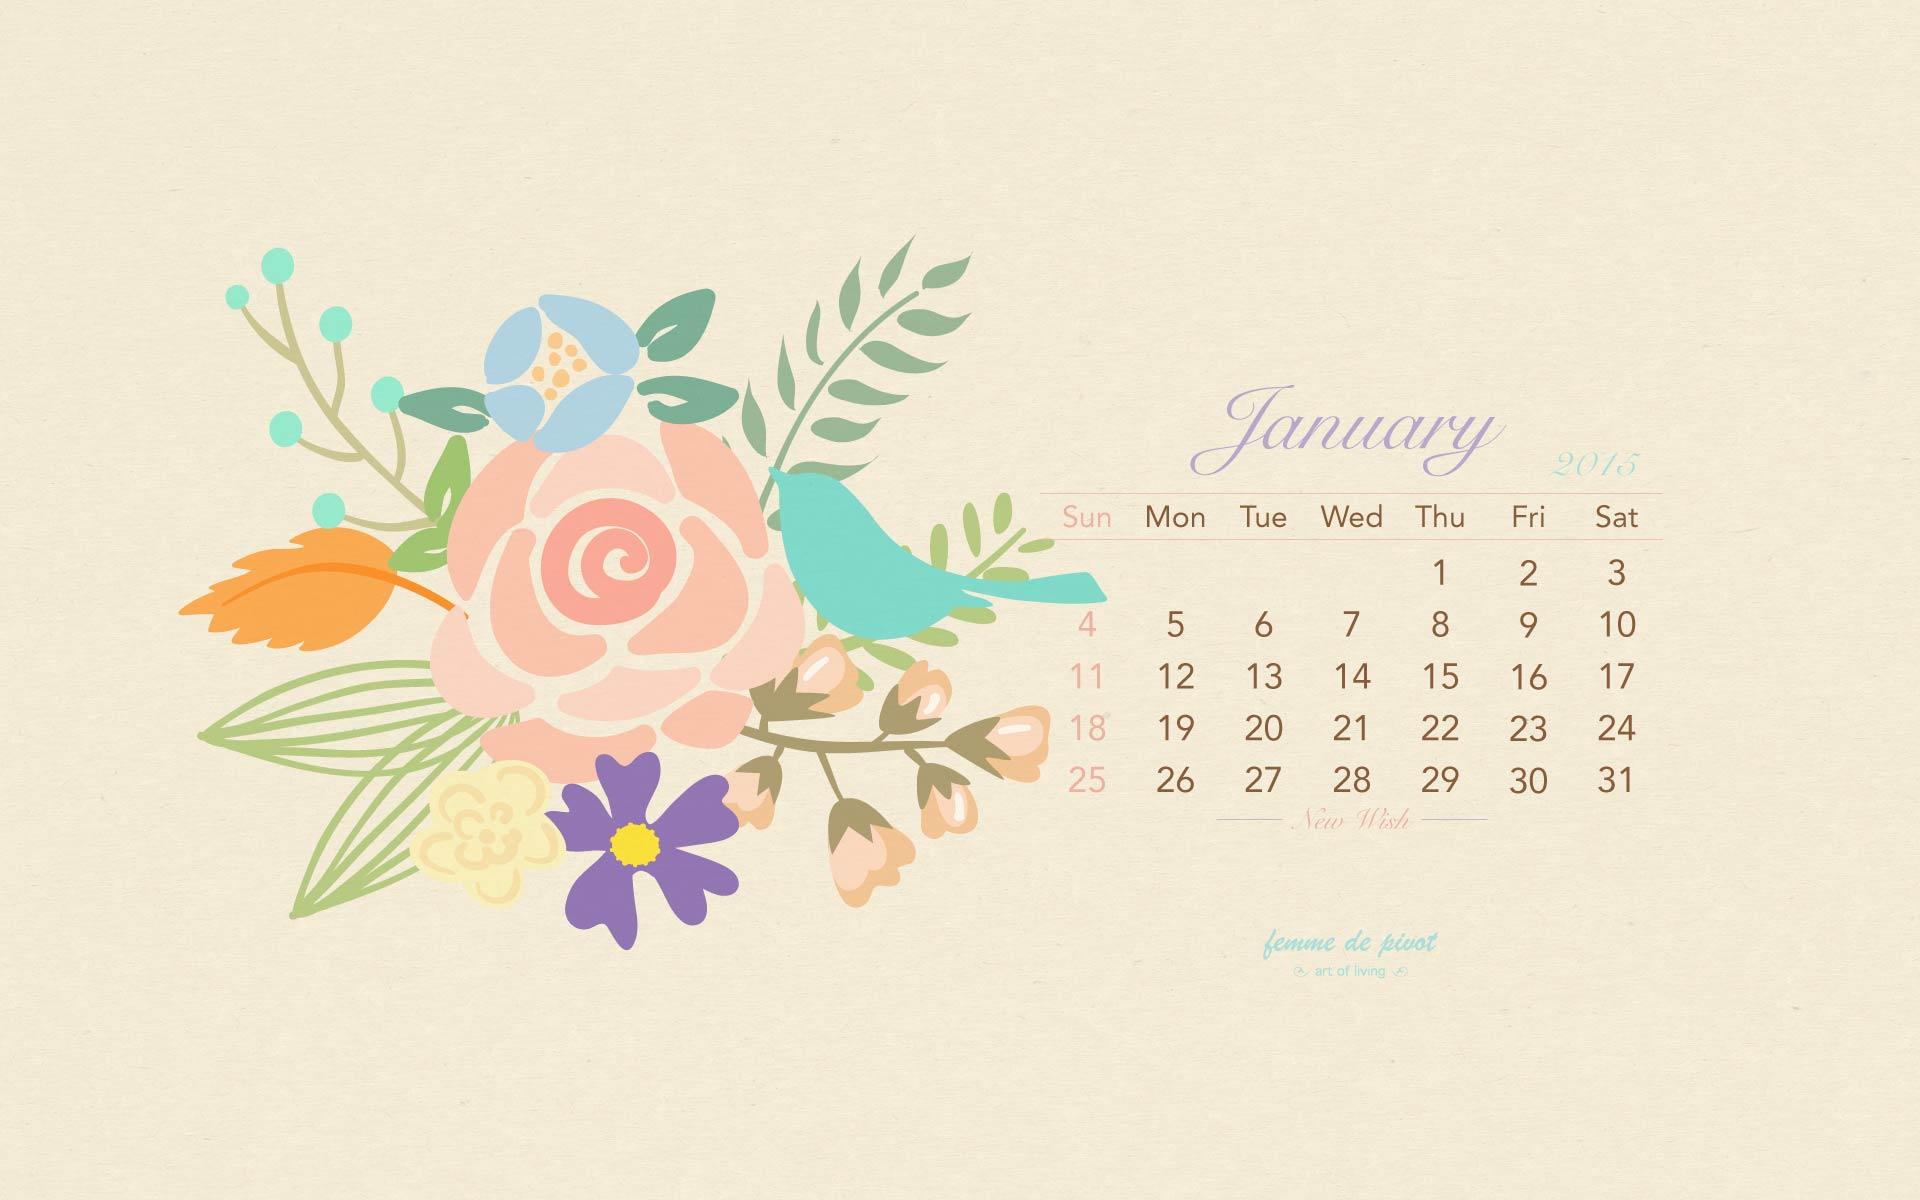 Calendar Wallpaper Jan : January desktop wallpaper wallpapersafari